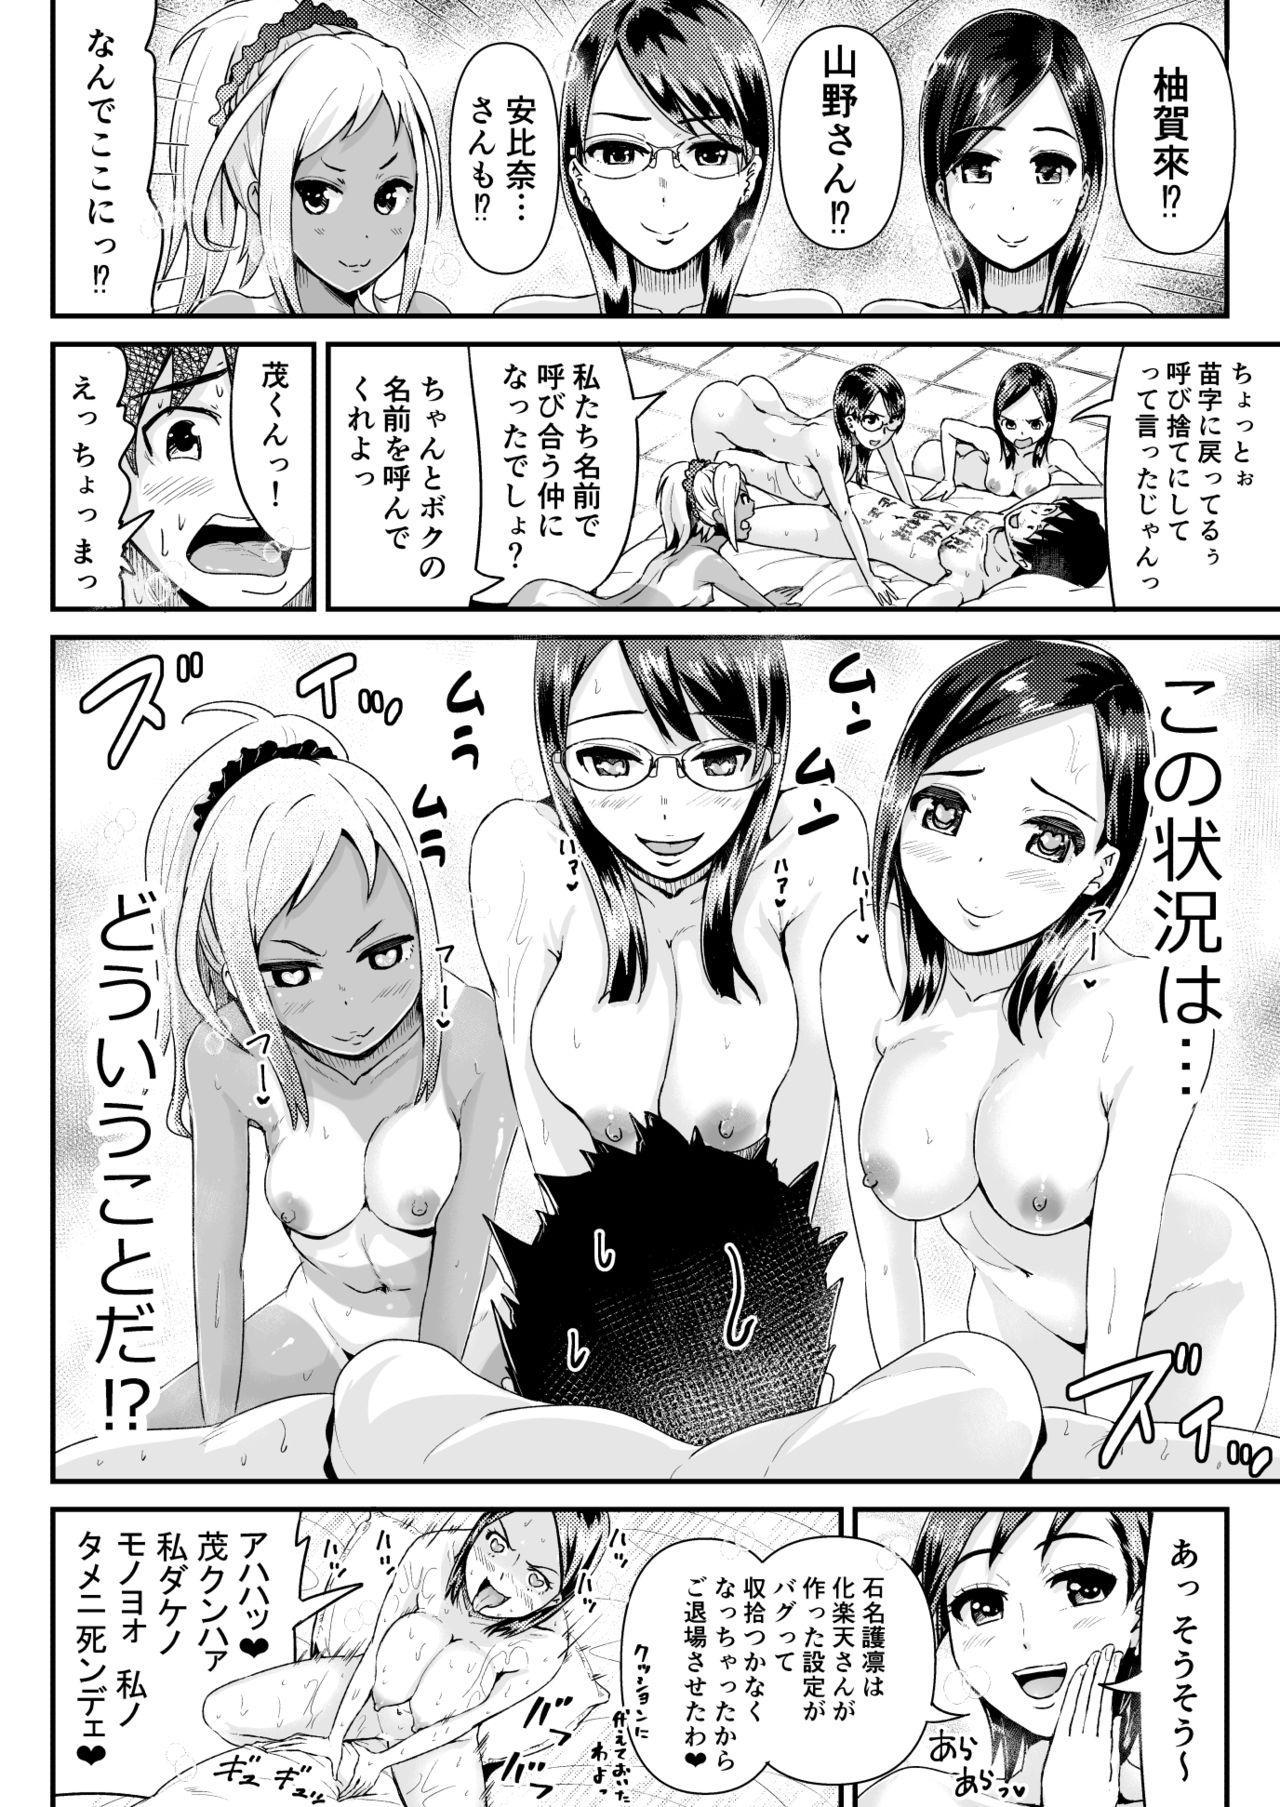 Doutei no Ore o Yuuwaku suru Ecchi na Joshi-tachi!? 12 4